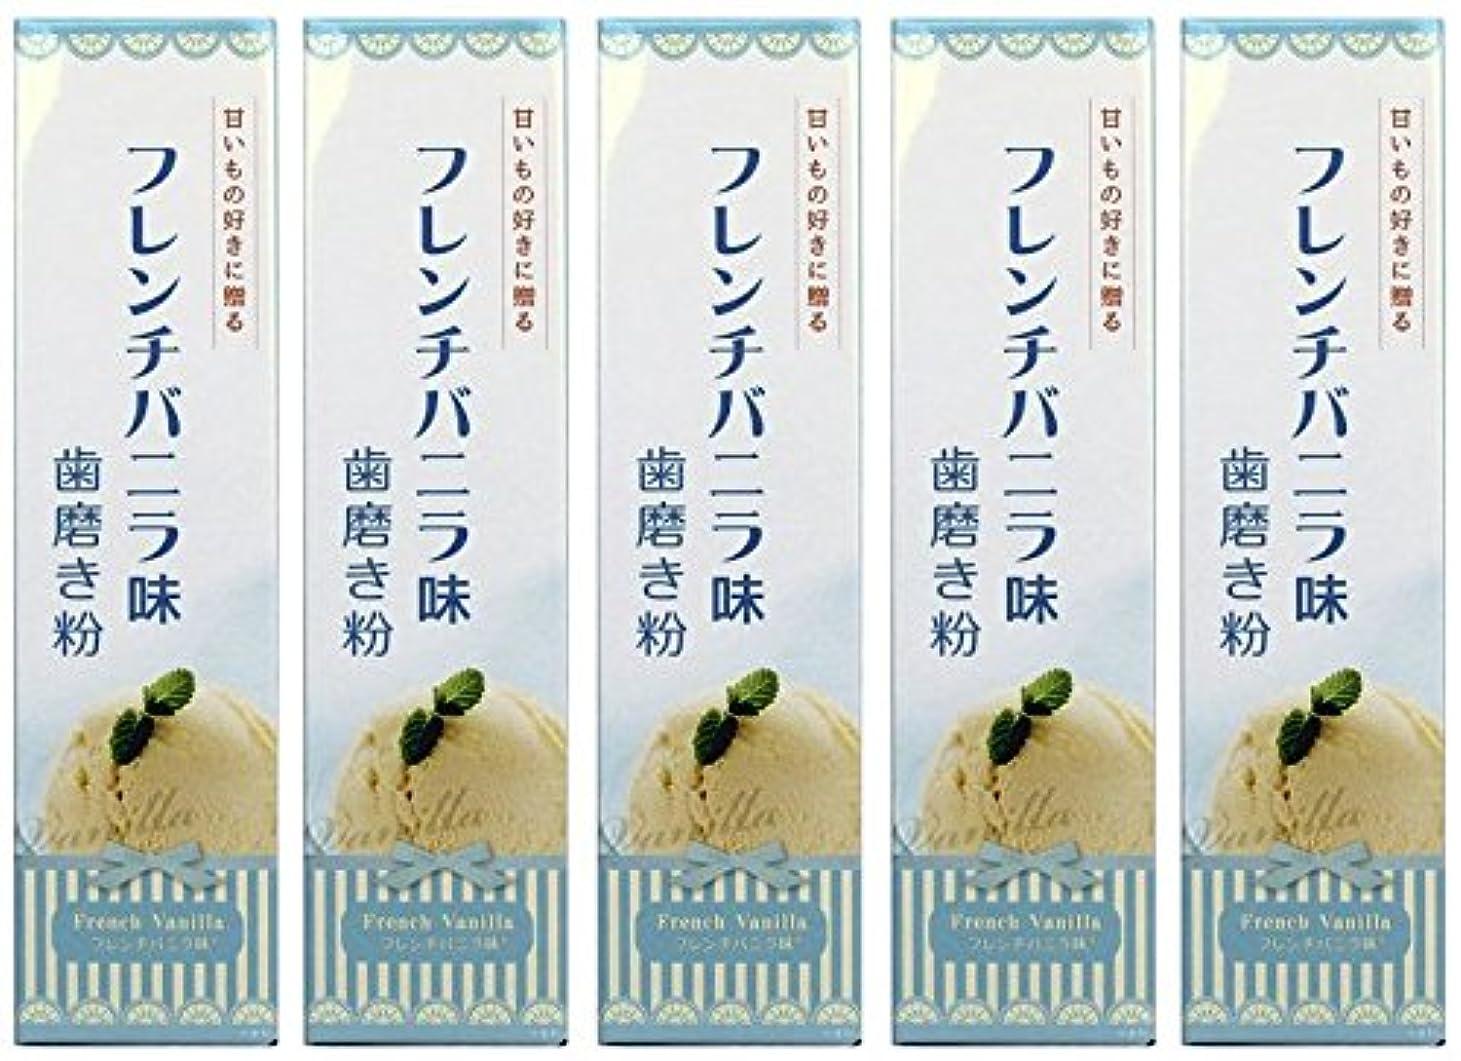 メンダシティ退屈な債務者SWEETS 歯磨き粉 バニラ味 70g (5本)